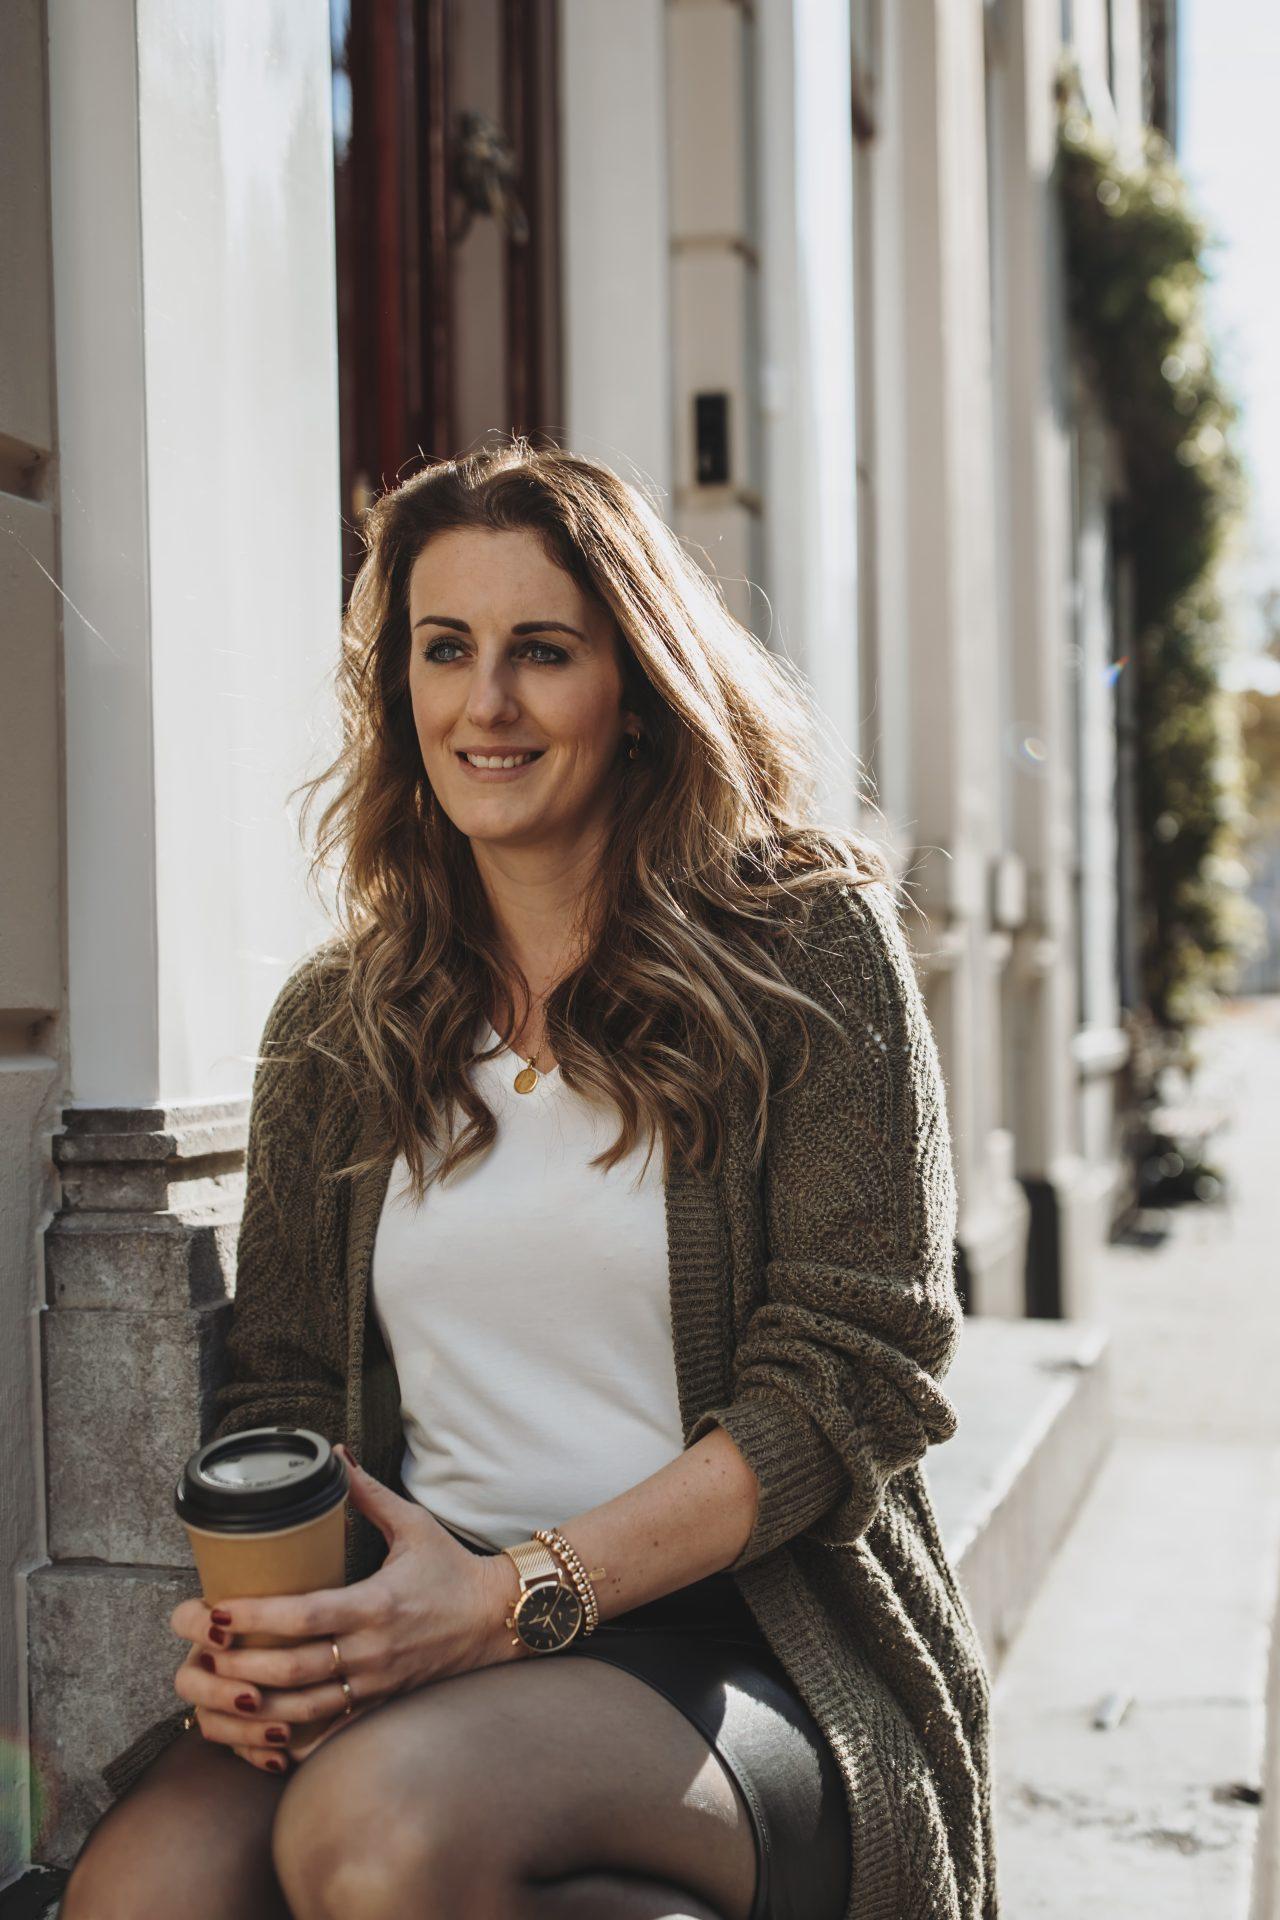 Brigitte van der Wielen hormoon therapeut | hormoon expert